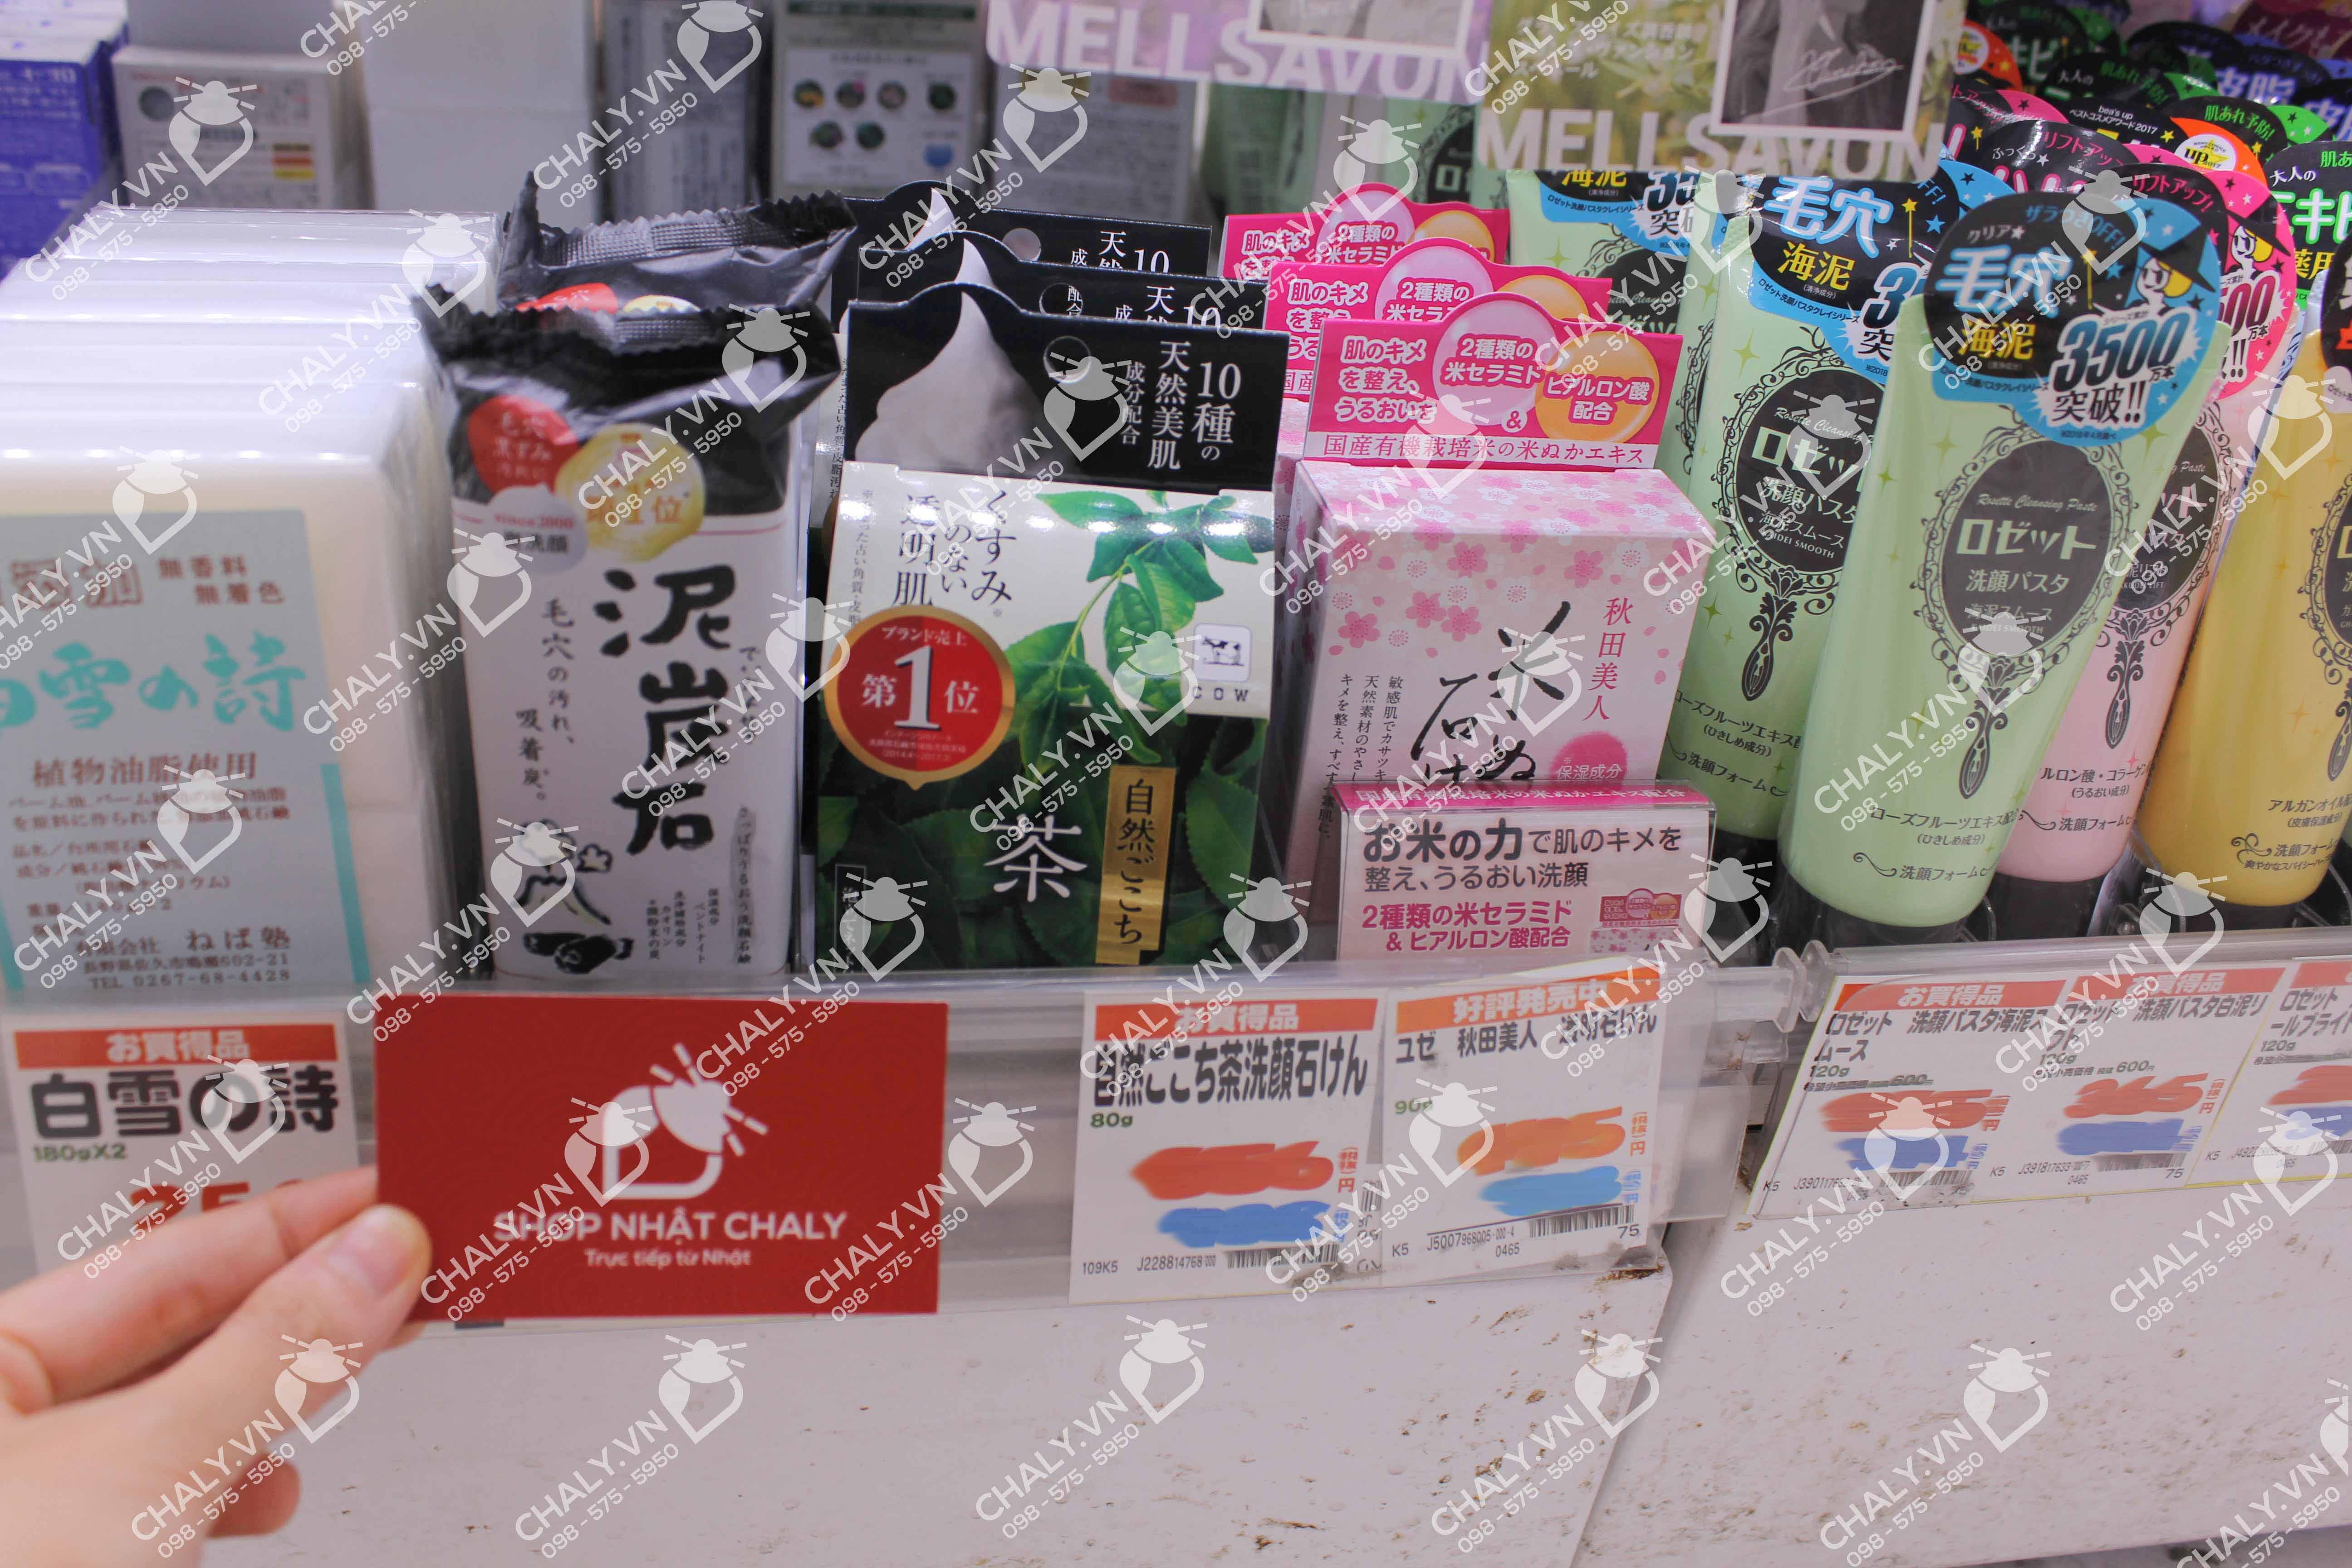 Shop Nhật Chaly xách tay trực tiếp xà phòng trị mụn đầu đen Nhật Bản Deitanseki